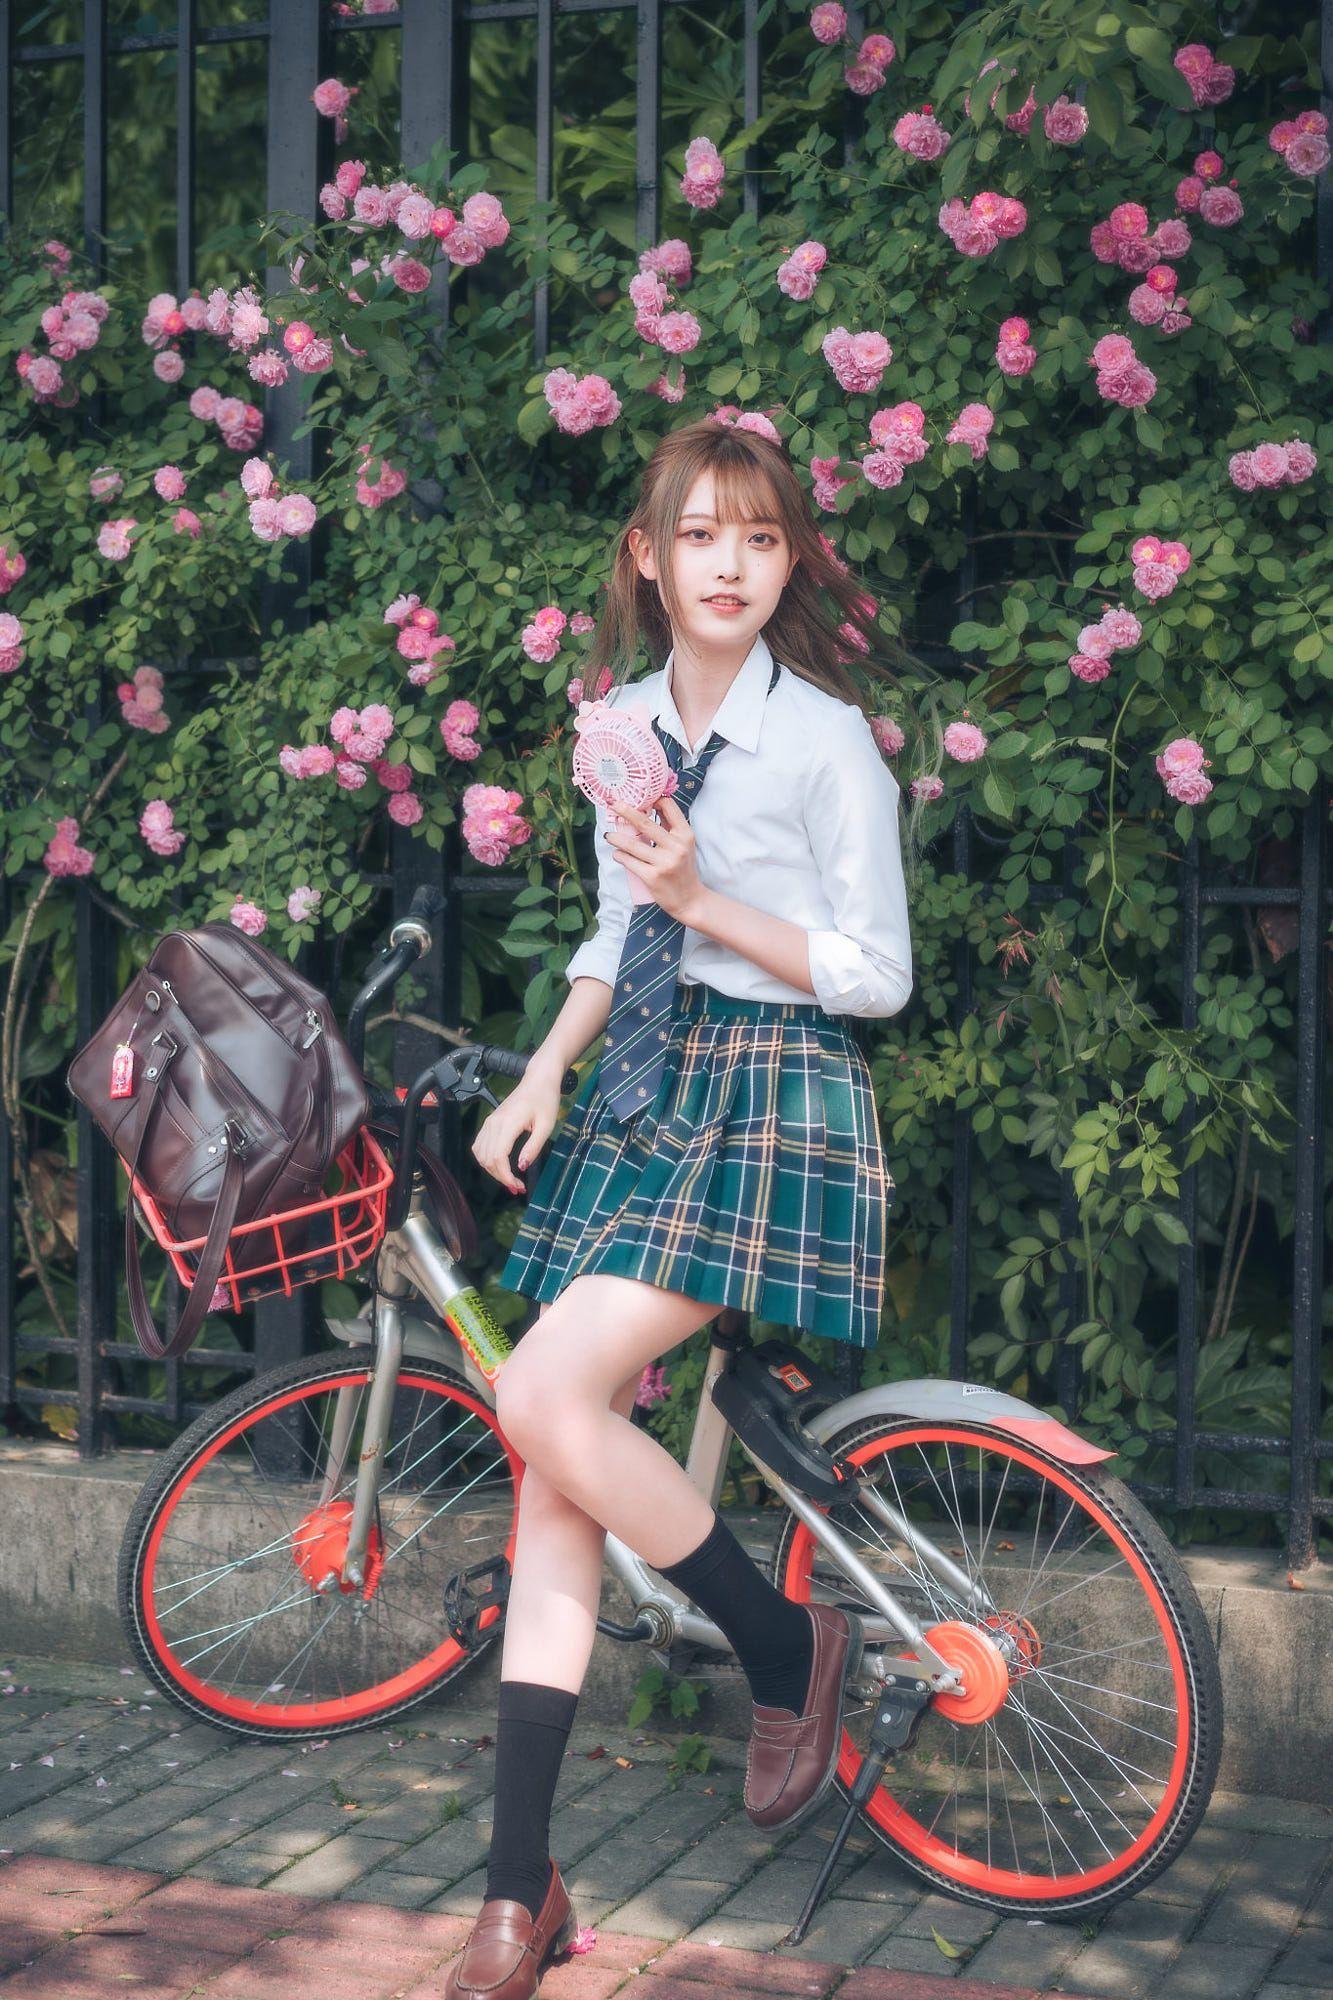 瀏海、雙辮 #制服美少女 要騎車去上學了》#Cute #Girl #Pretty #Girls #漂亮 #可愛 #青春活力